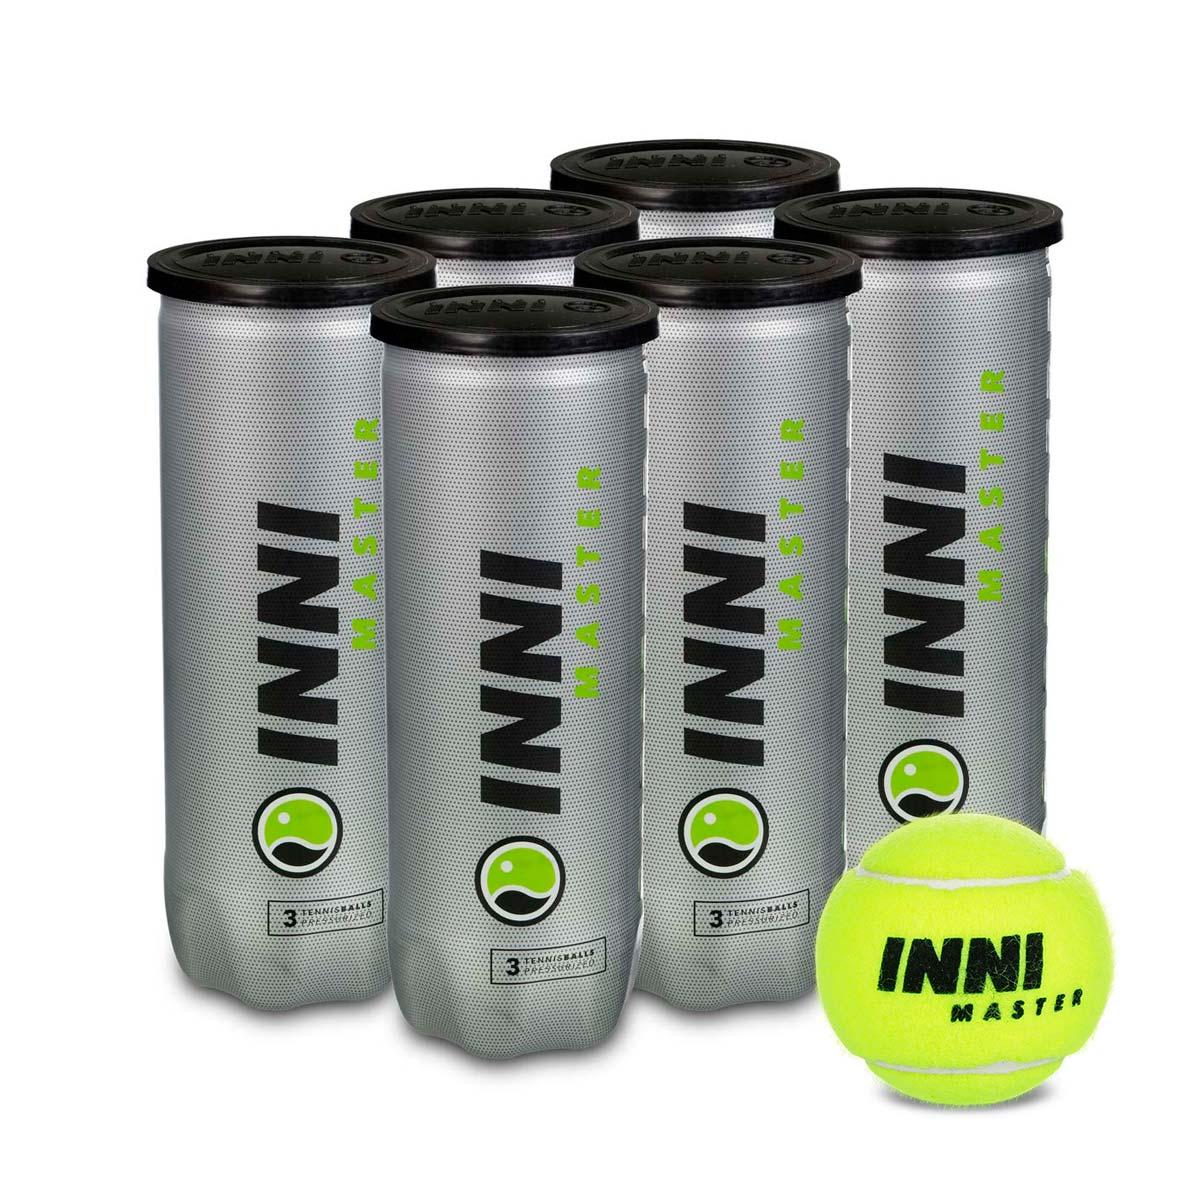 Bola de Tênis Inni Master - Pack Com 06 Tubos